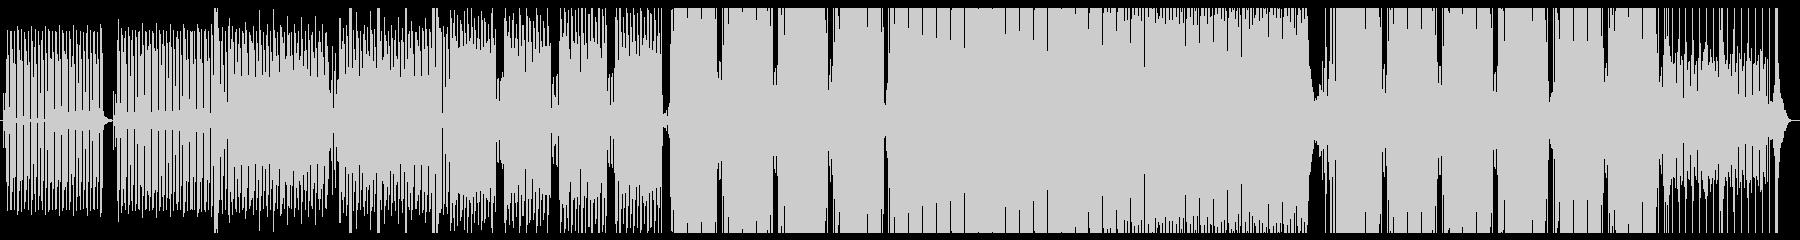 ホラー的な雰囲気のテクノの未再生の波形